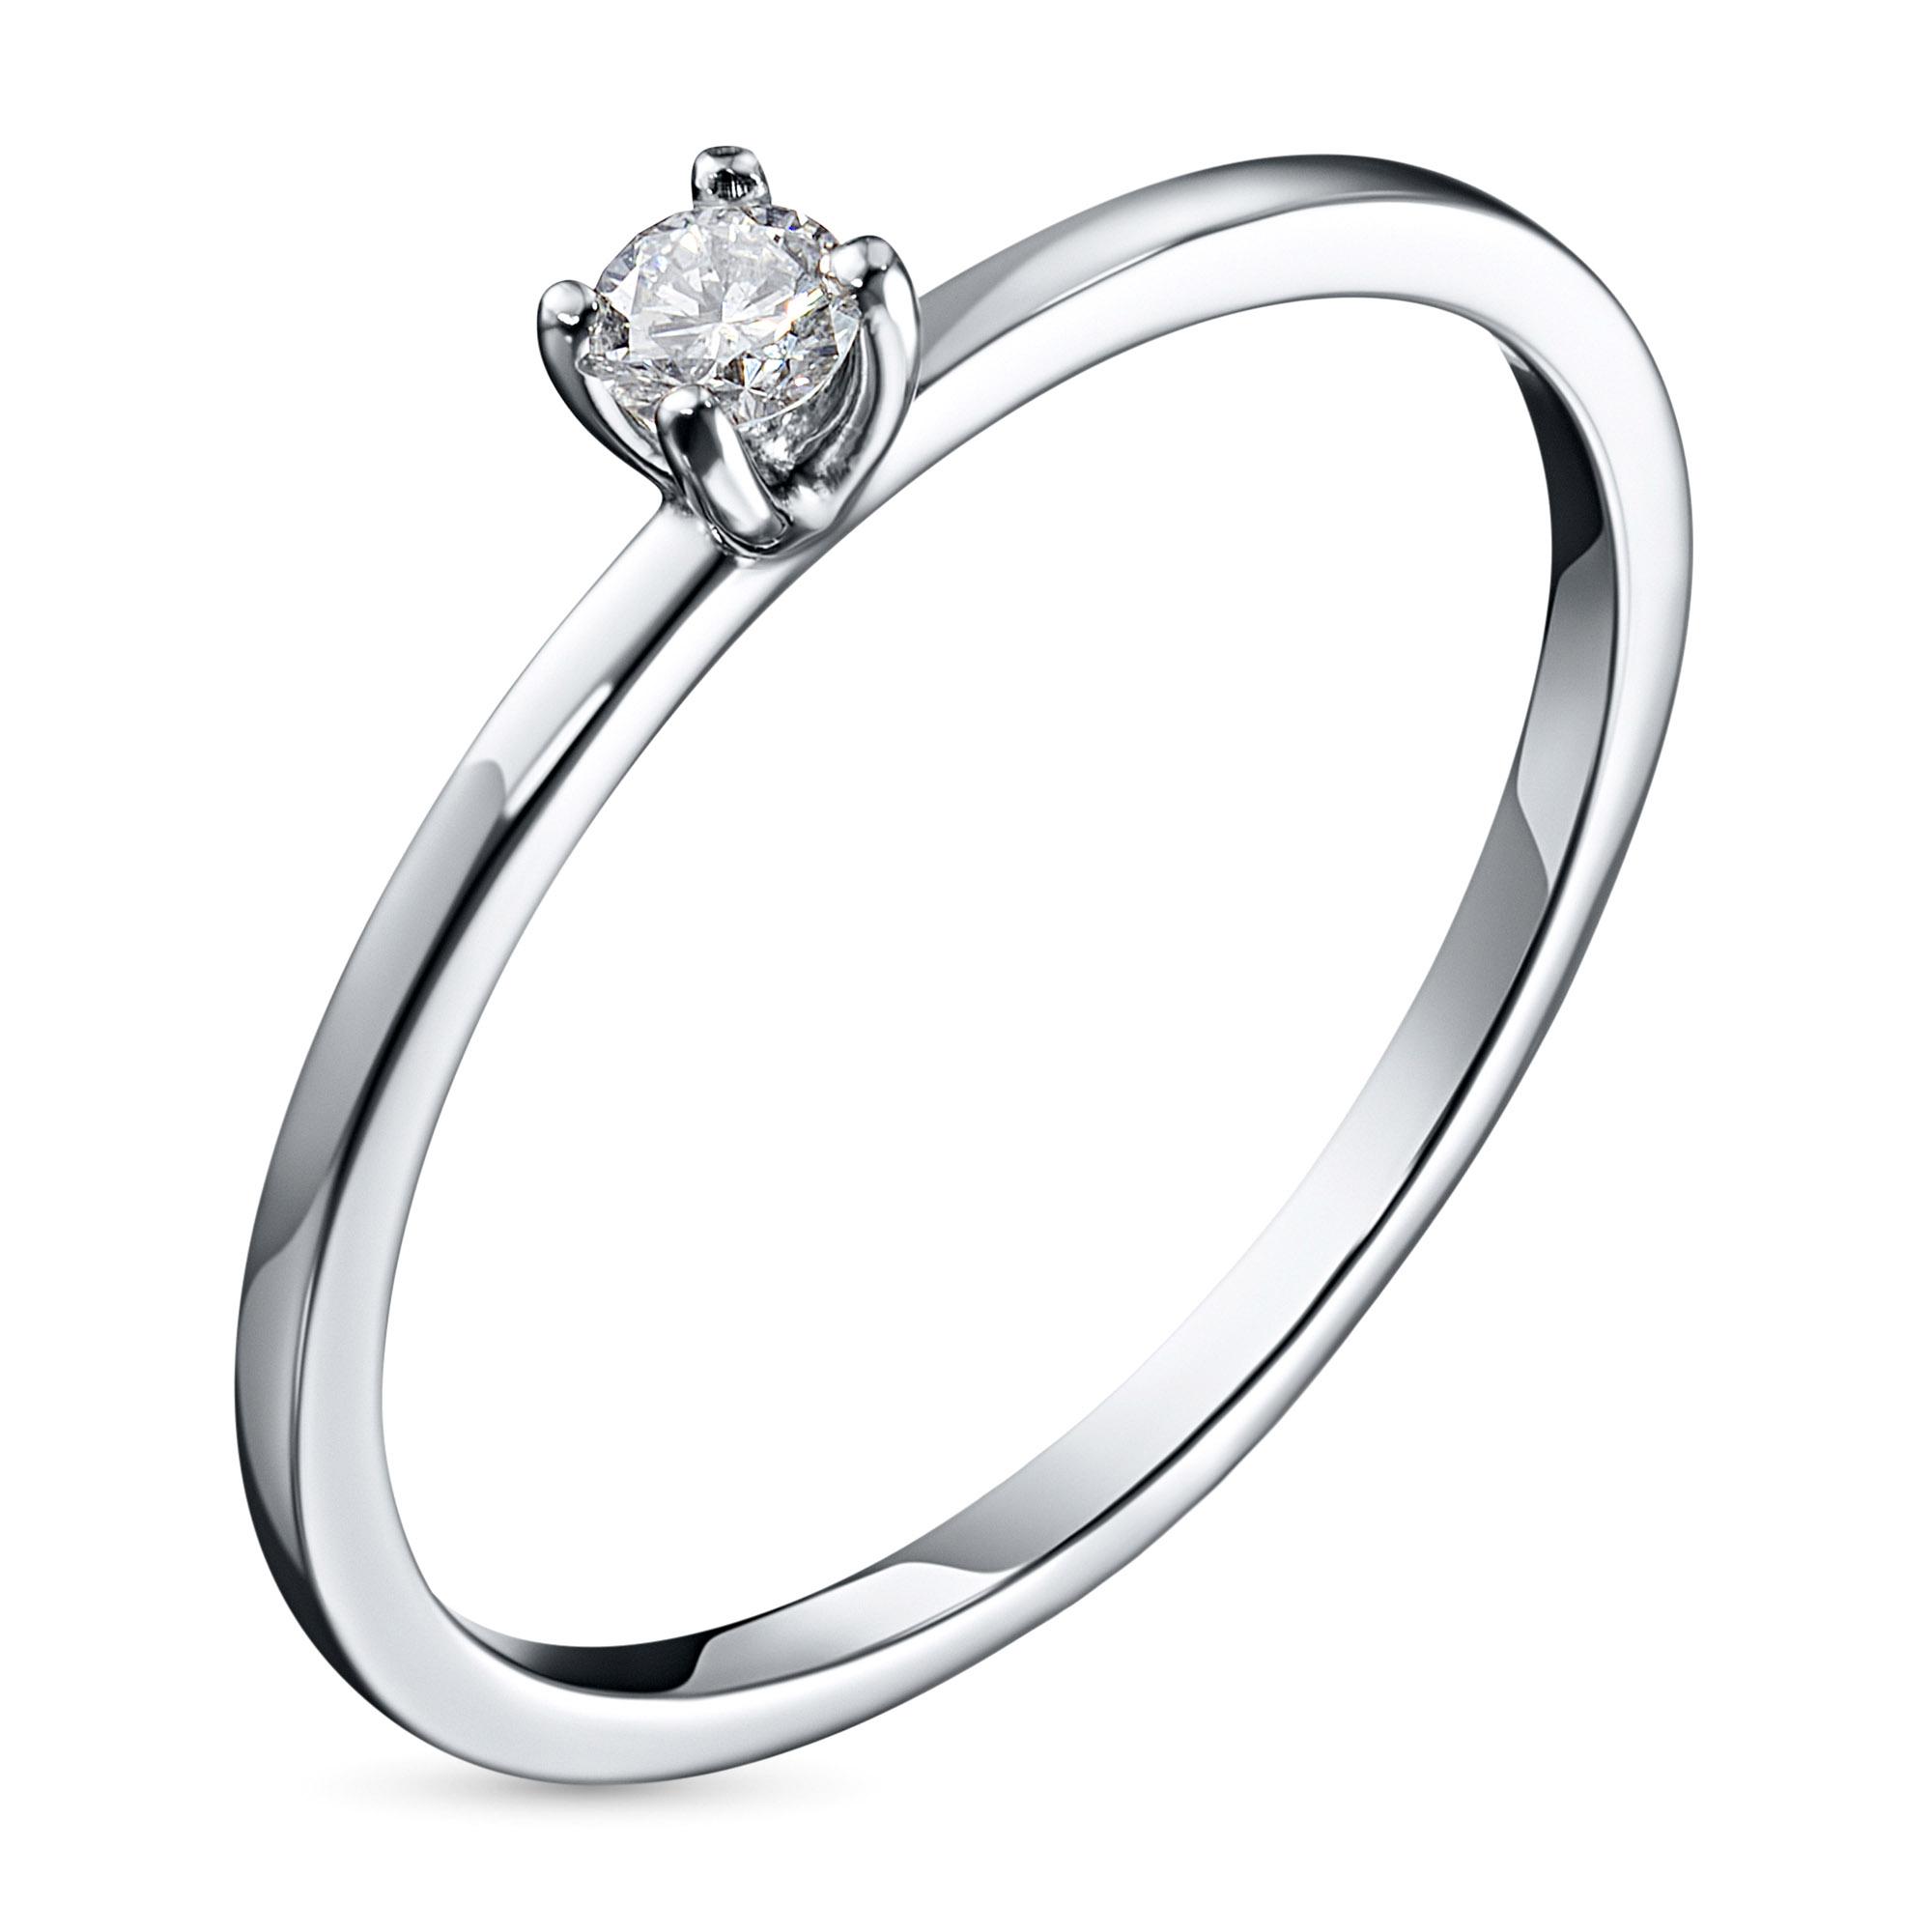 Кольцо из платины с бриллиантом э0501кц10198390 фото